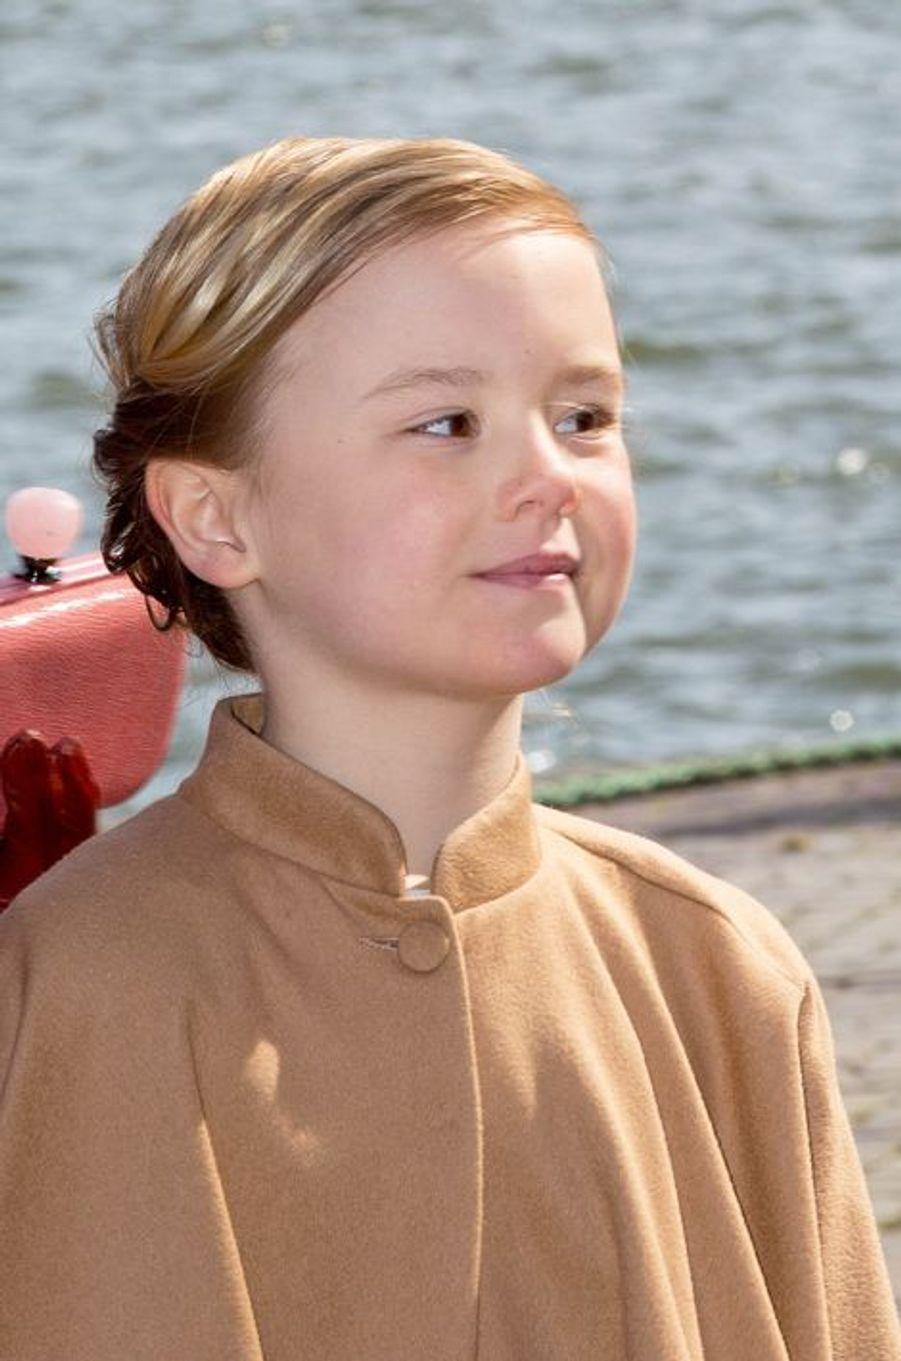 La princesse Ariane des Pays-Bas, le 27 avril 2015